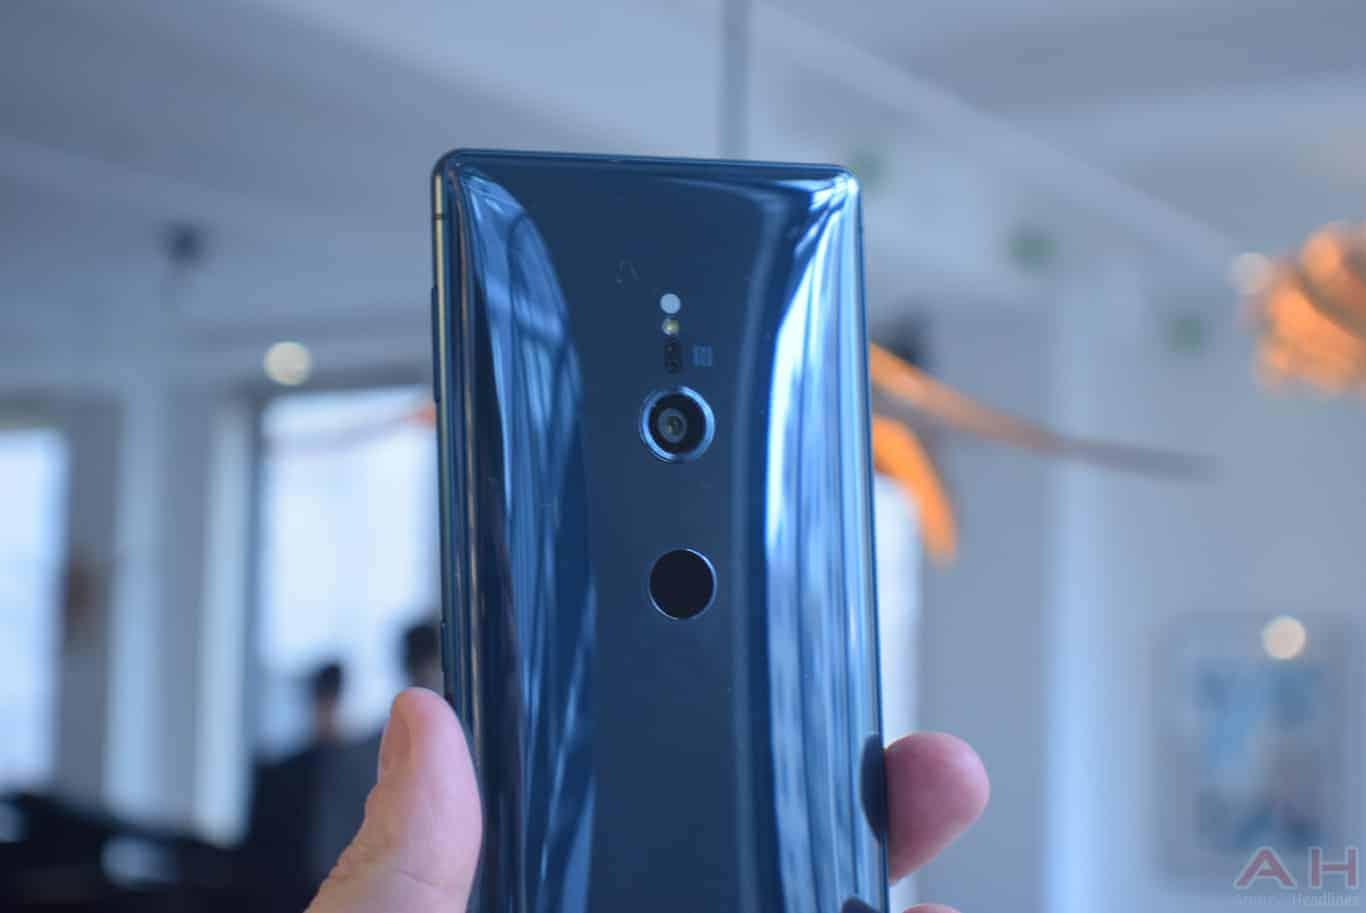 Sony Xperia XZ2 MWC 18 AM AH 13